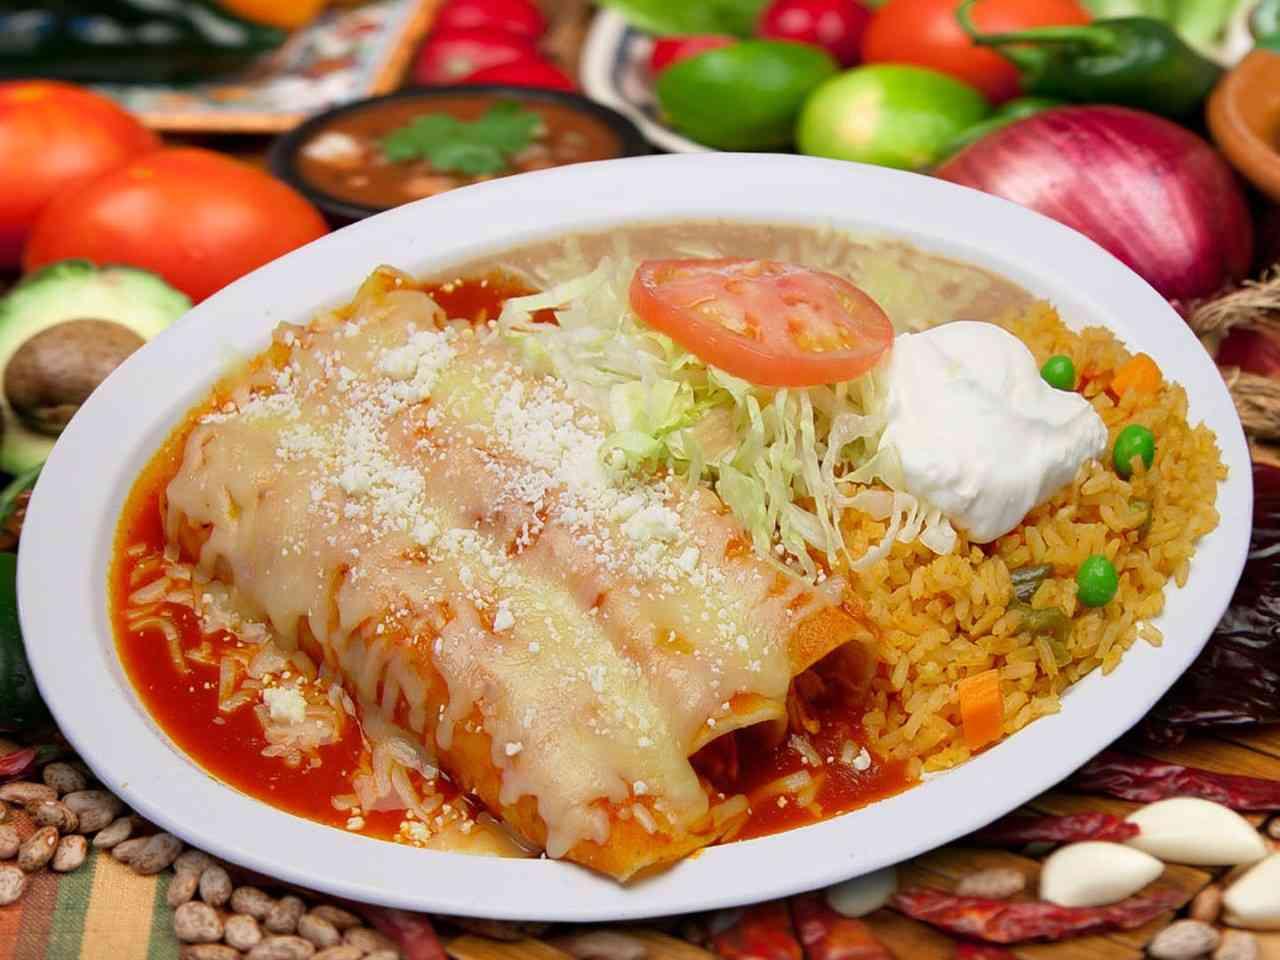 #4 Enchiladas Mexicanas